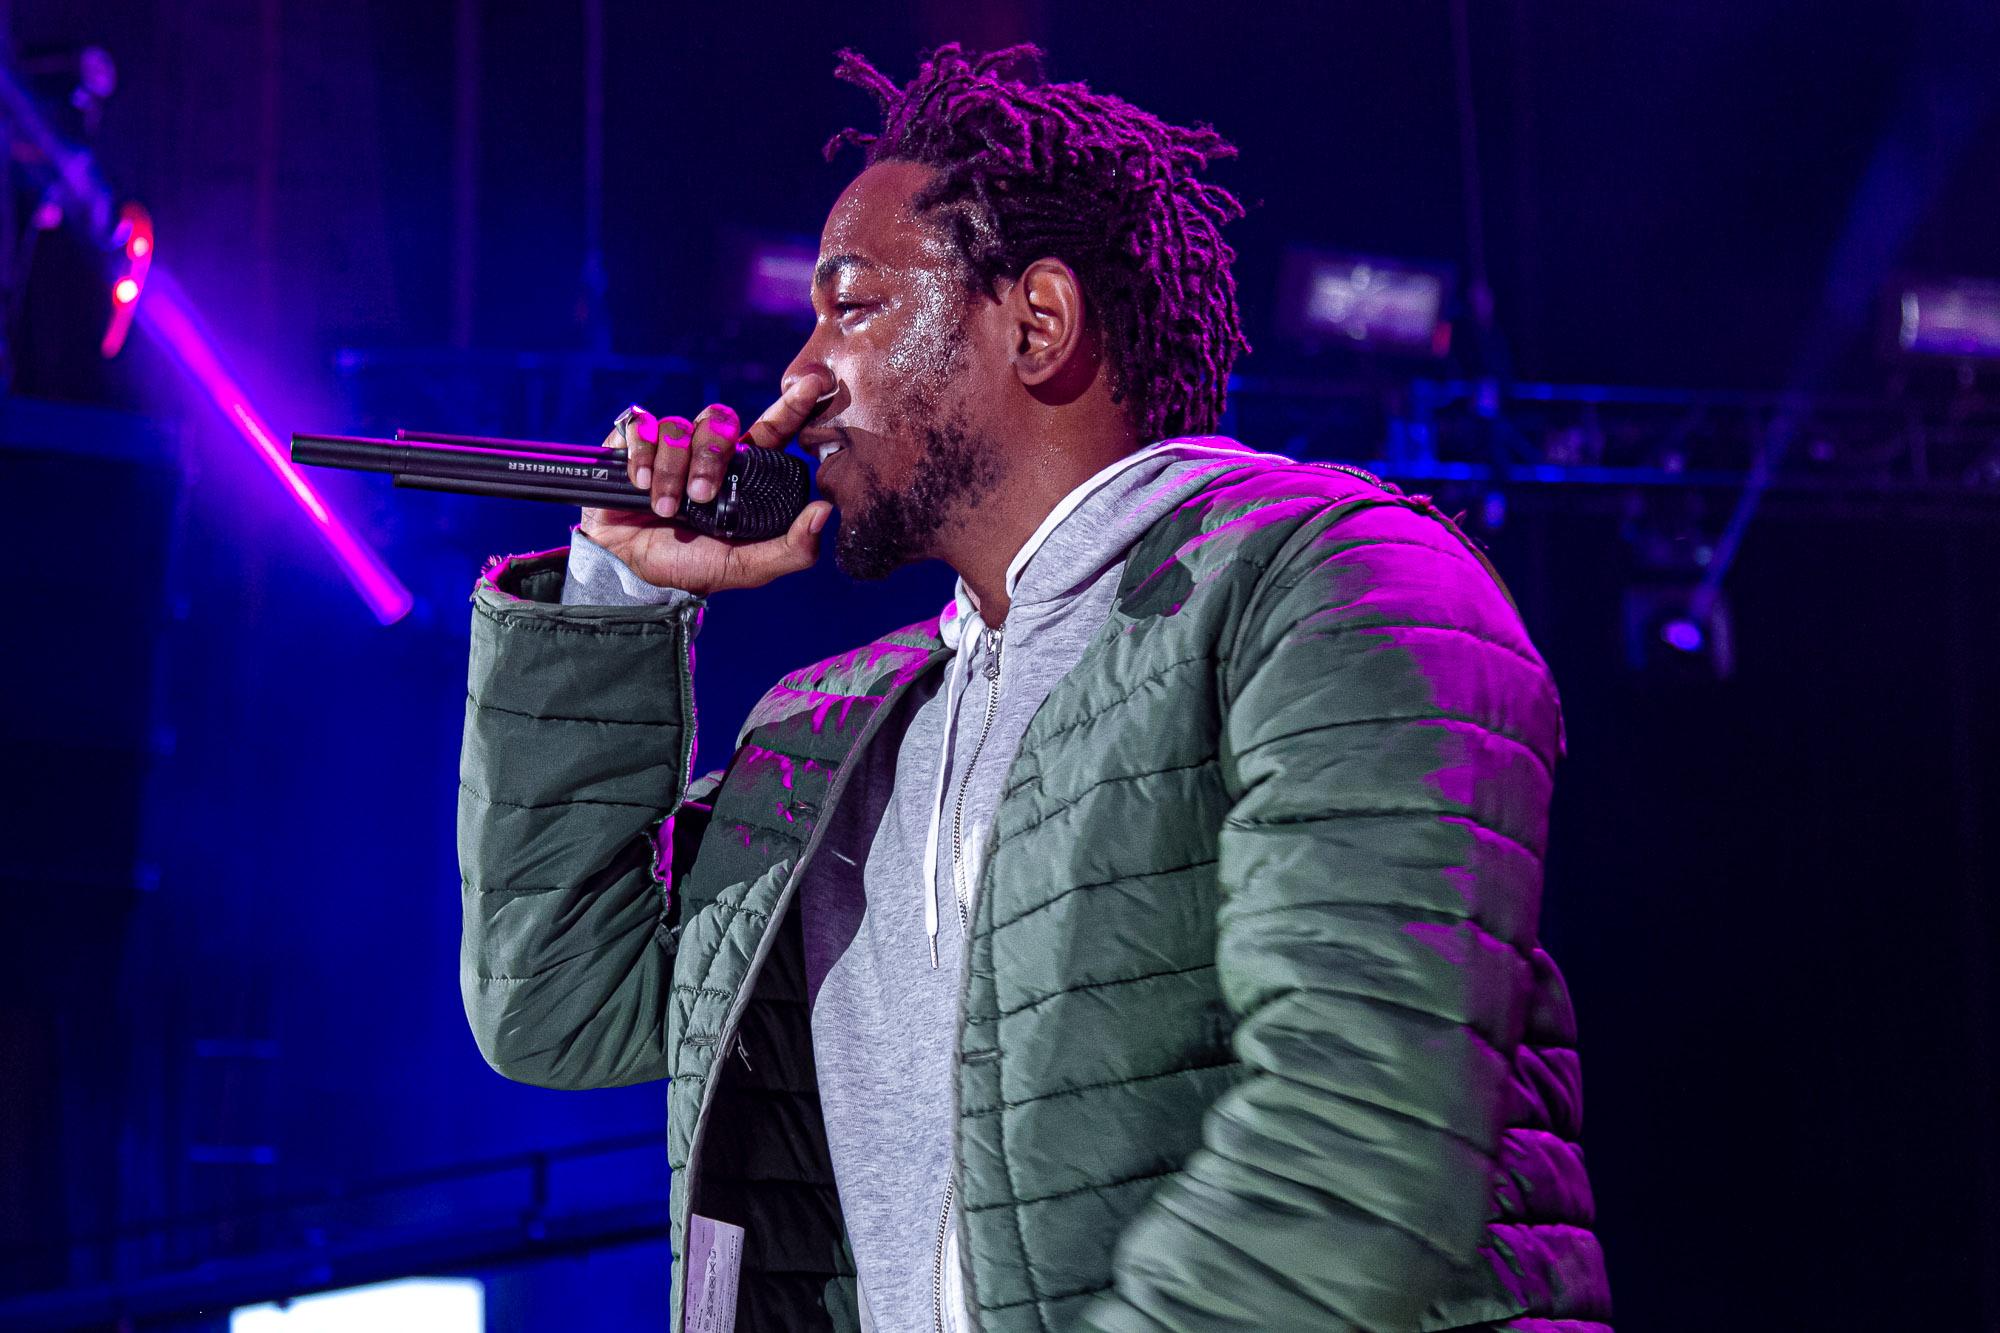 Kendrick Lamar Hilariously Shuts Down Rumors of Him Leaving TDE